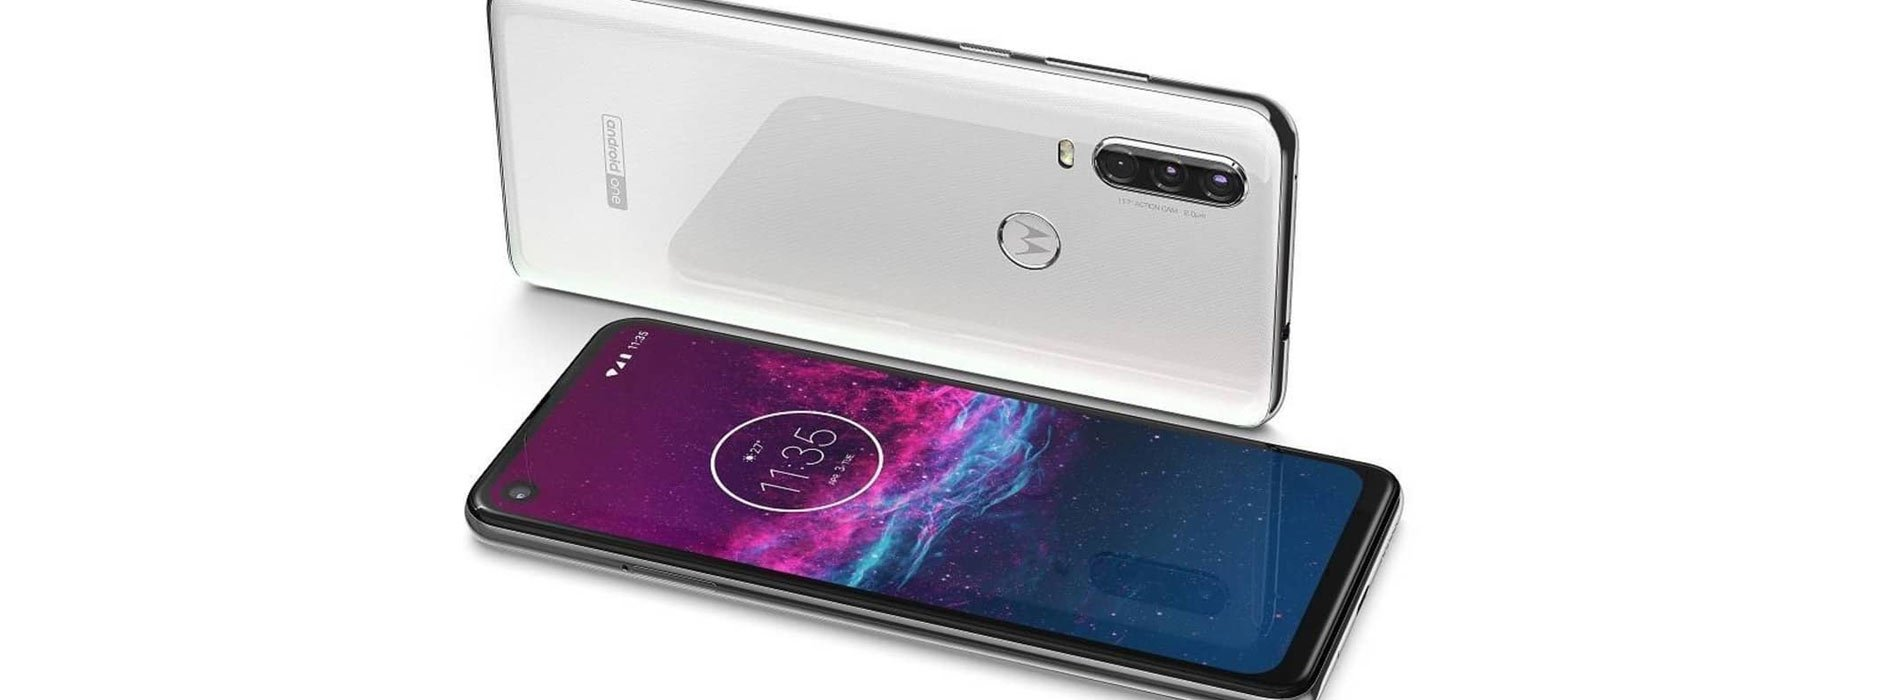 Análise: Motorola One Action - alguém aí quer uma